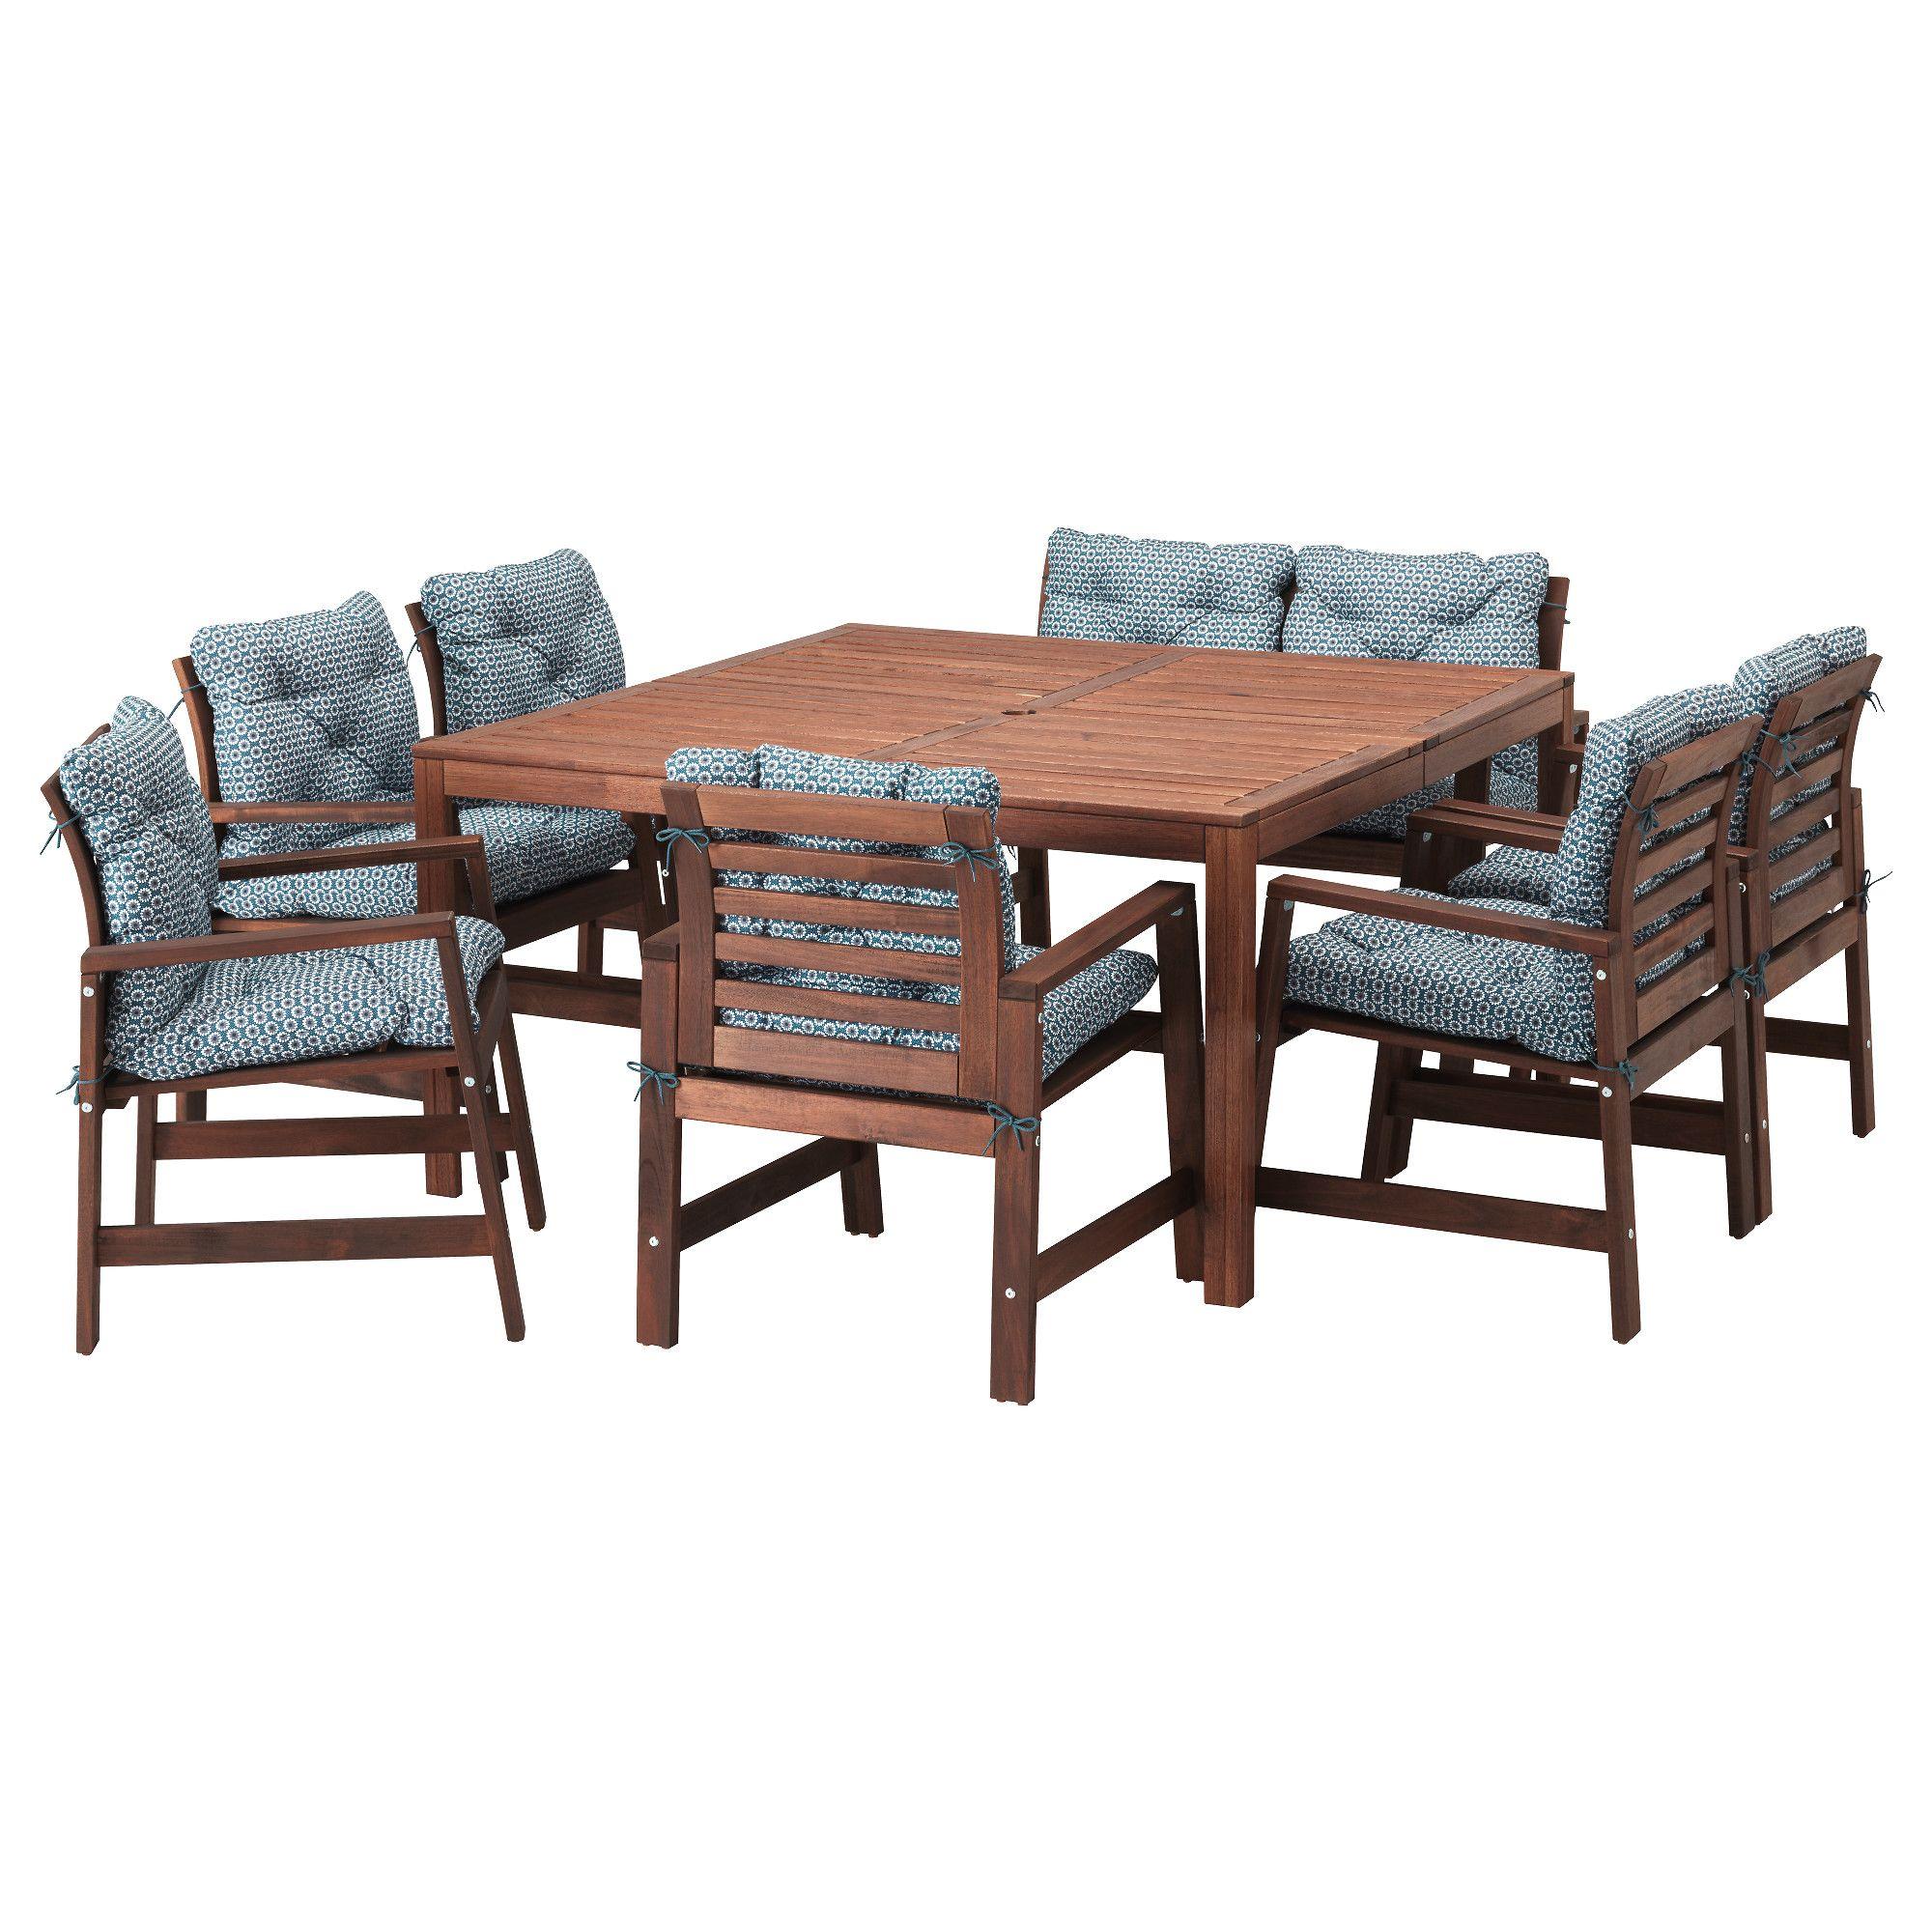 mr gardener gartenhaus mr gardener gartenhaus viborg 170. Black Bedroom Furniture Sets. Home Design Ideas